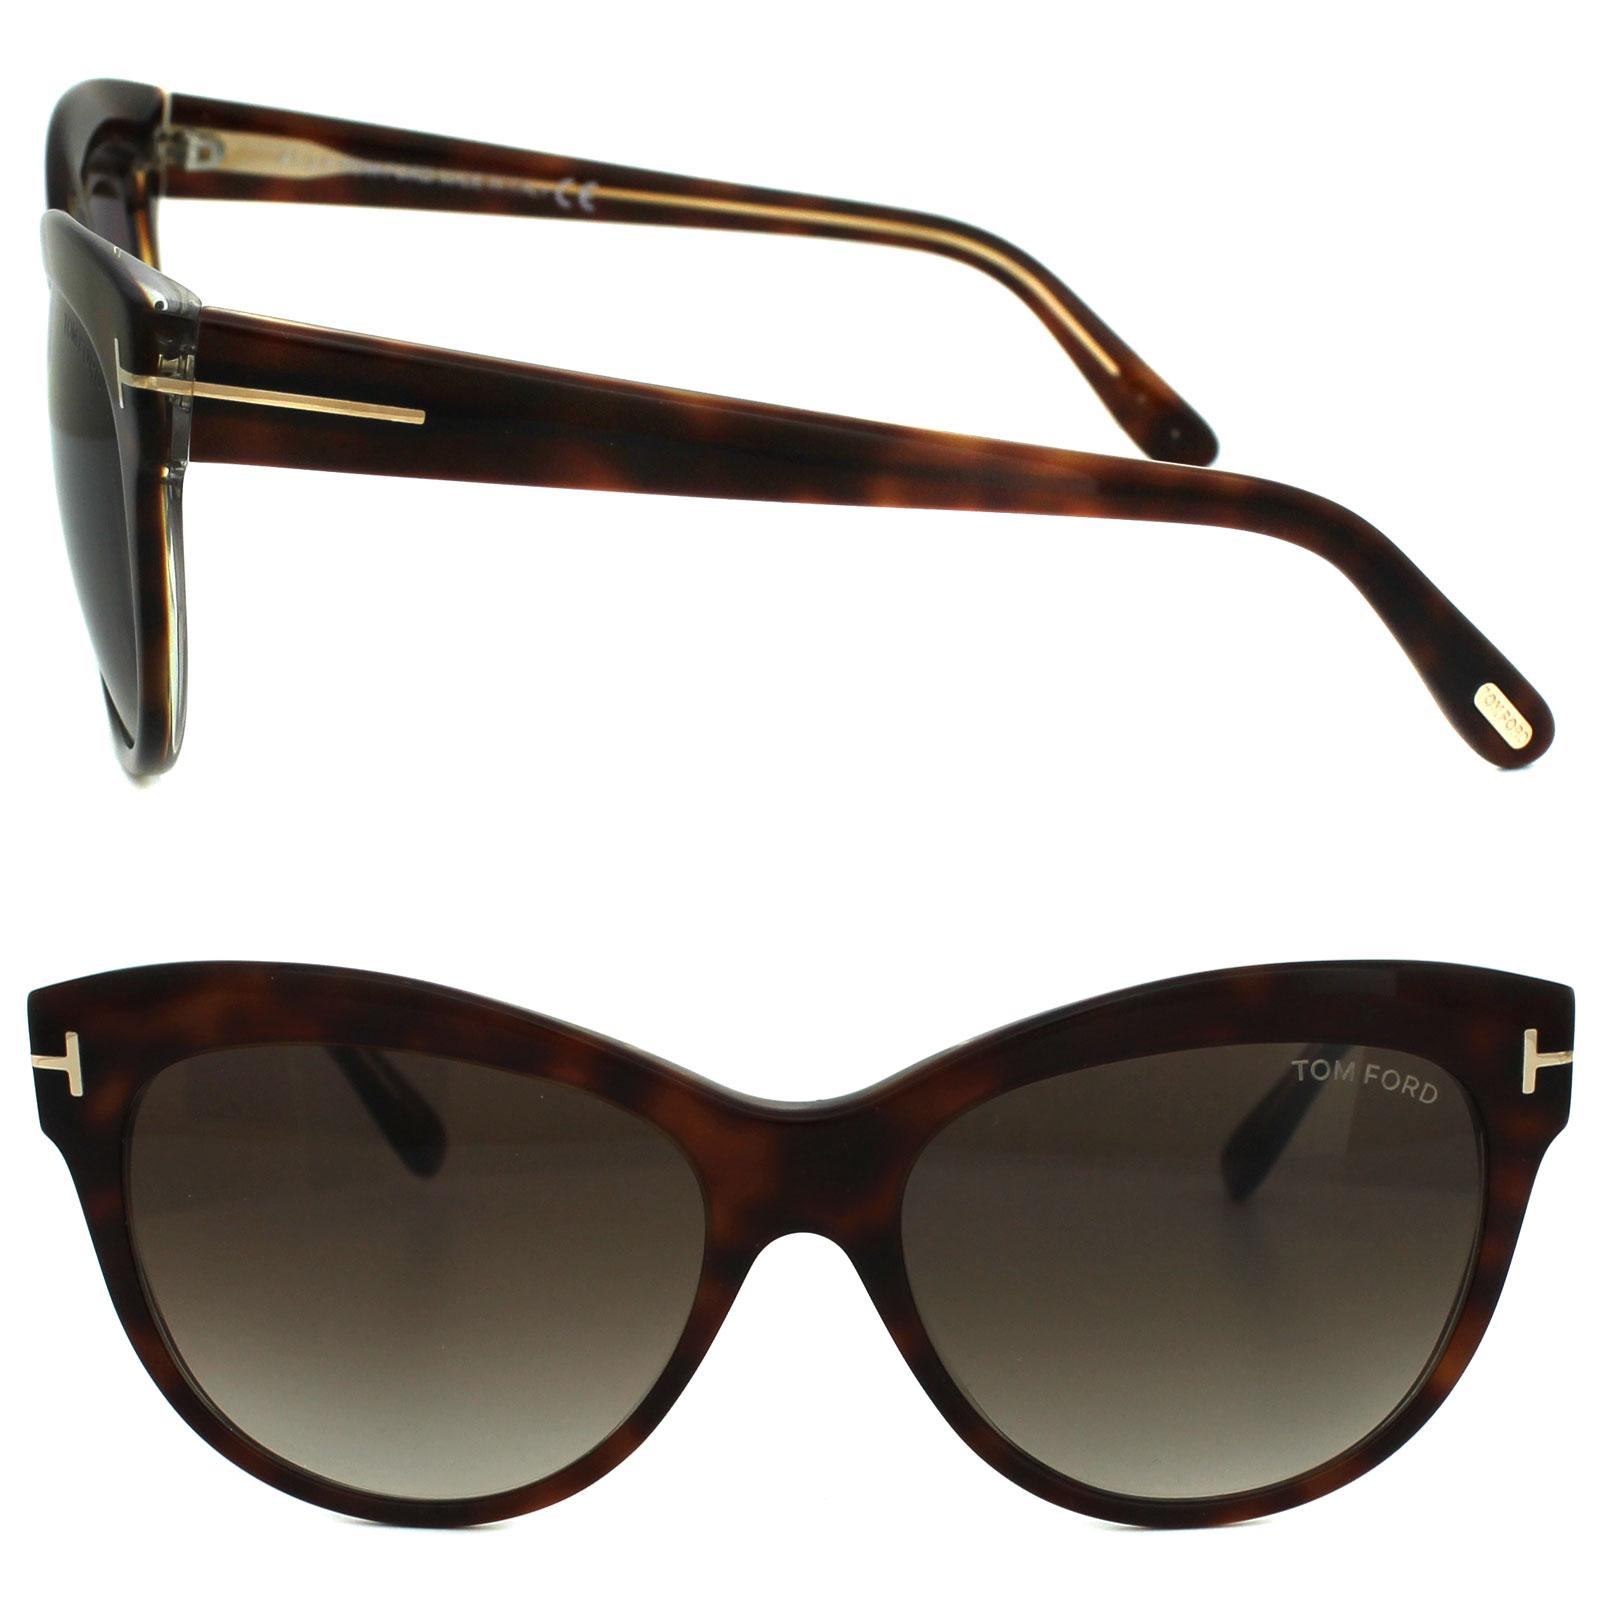 Tom Ford Damen Sonnenbrille »Lily FT0430«, braun, 56F - havana/braun